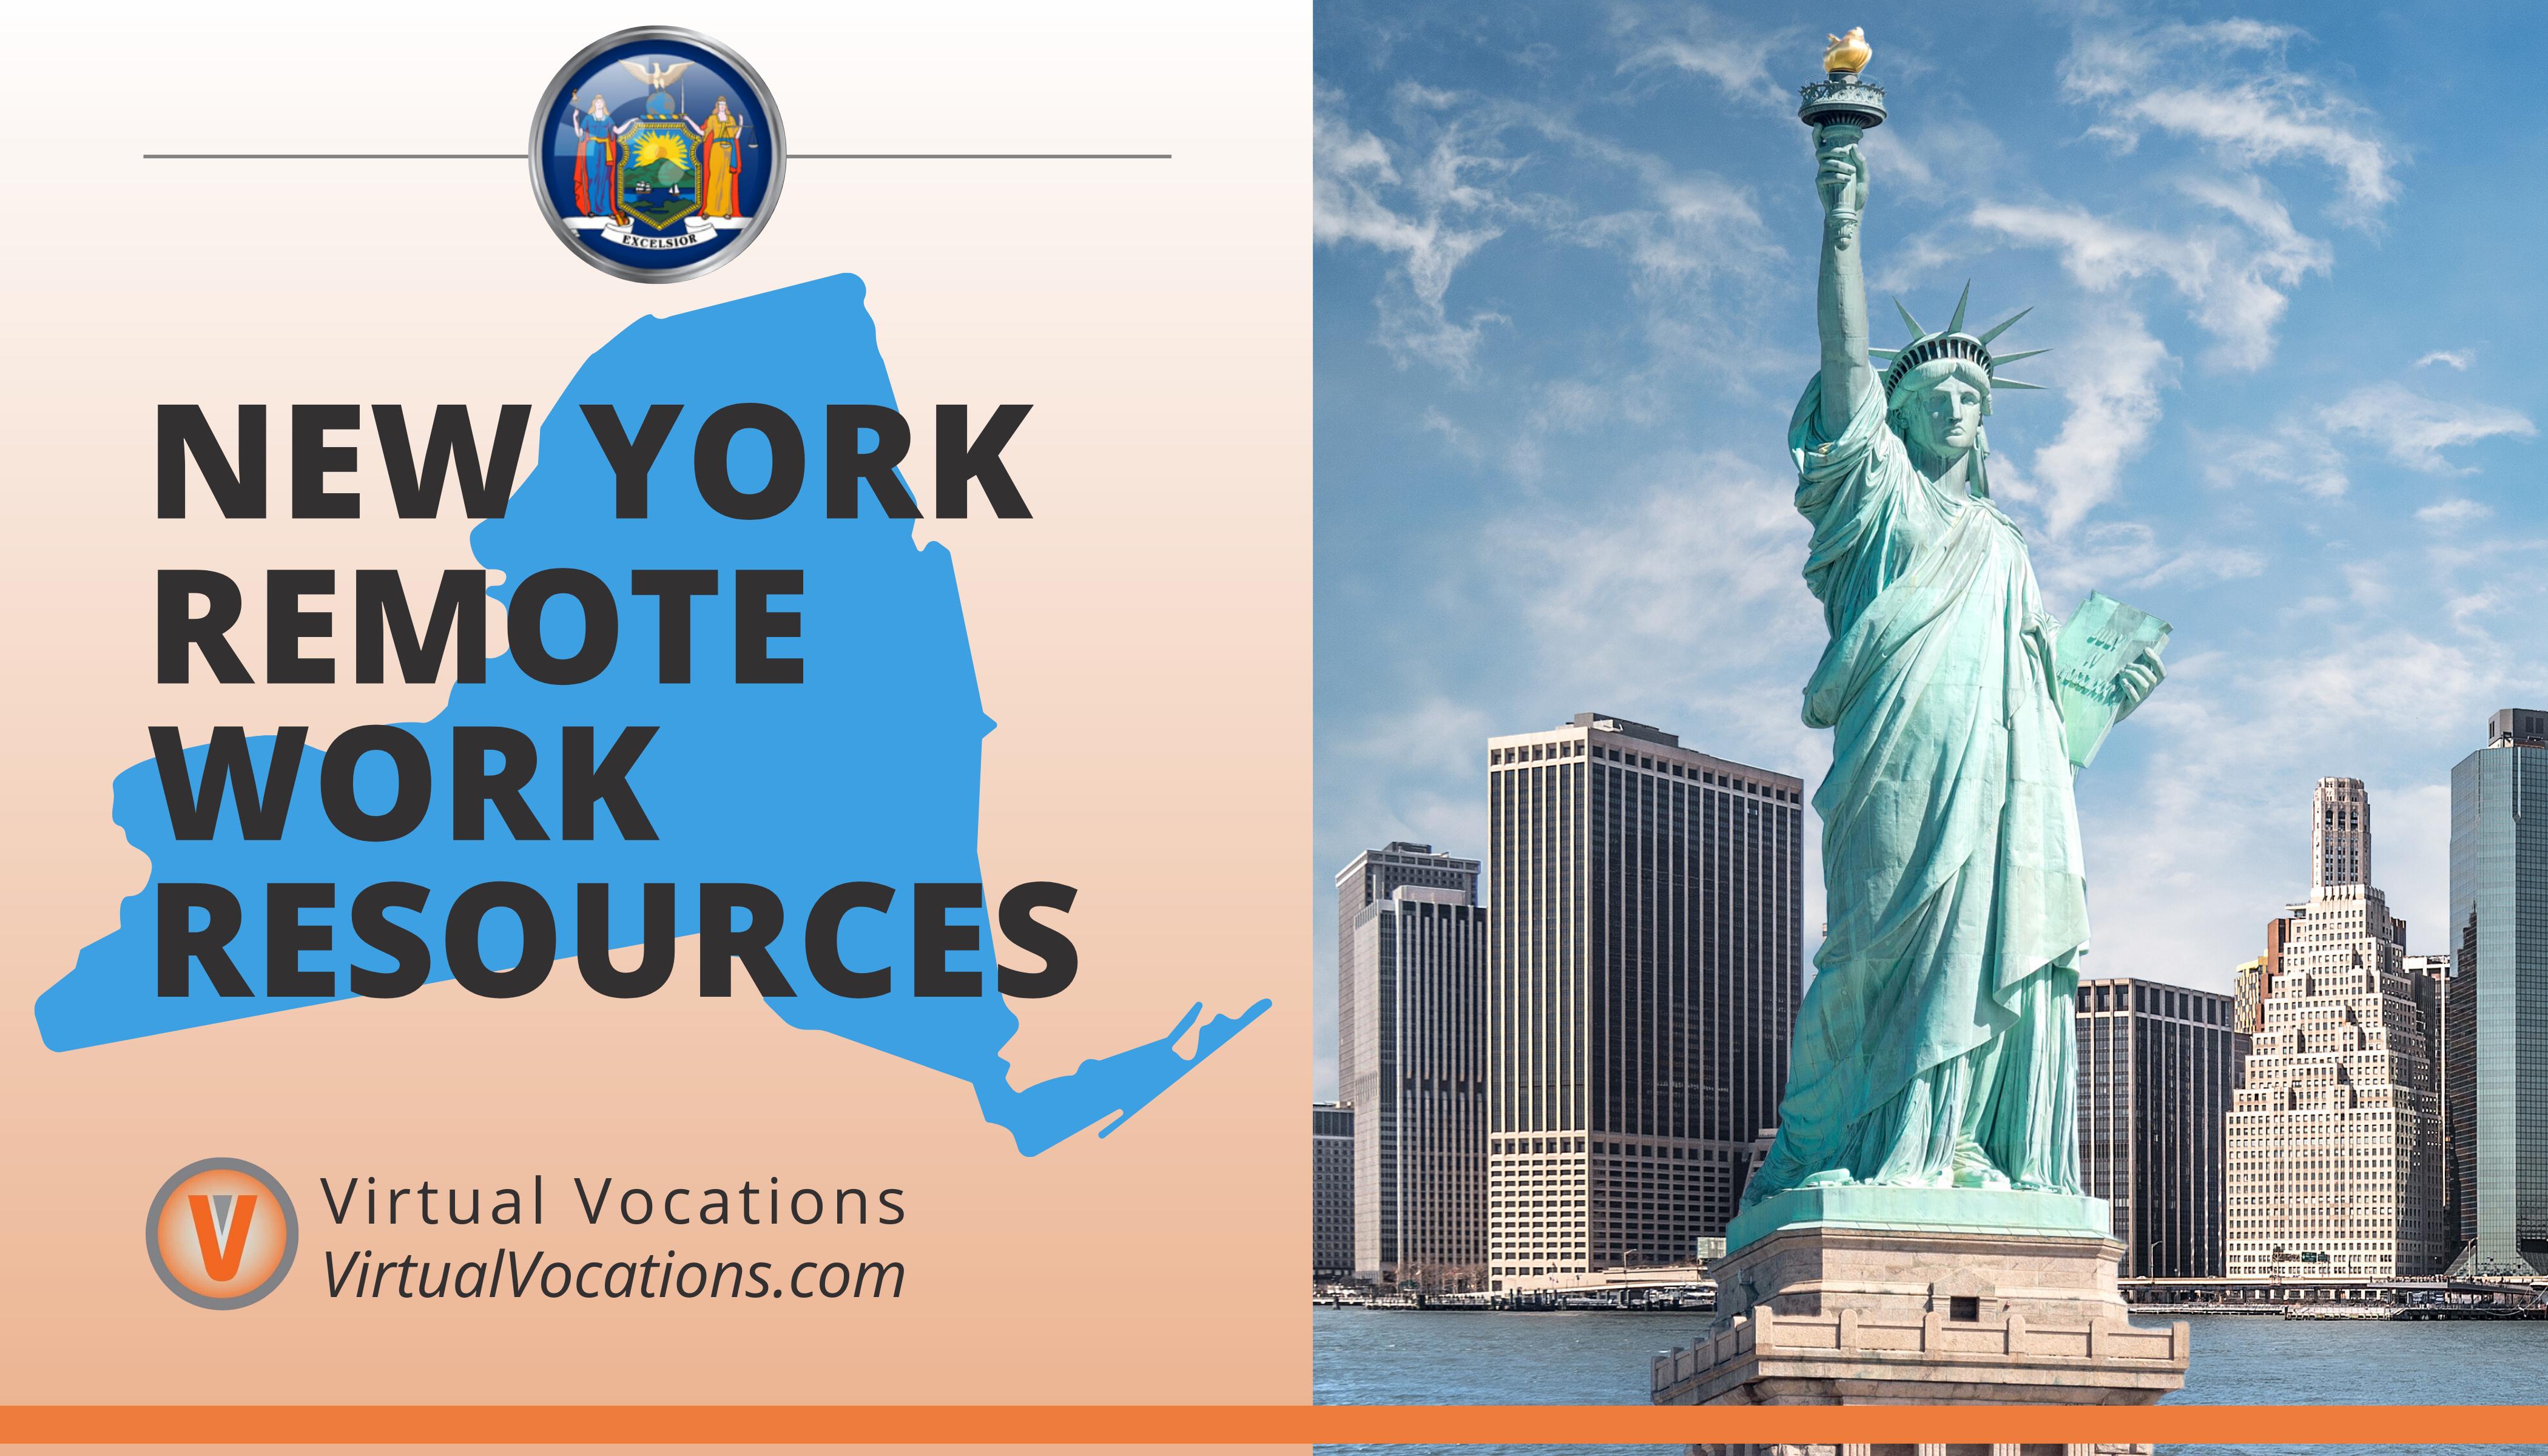 New York Remote Work Resources Header